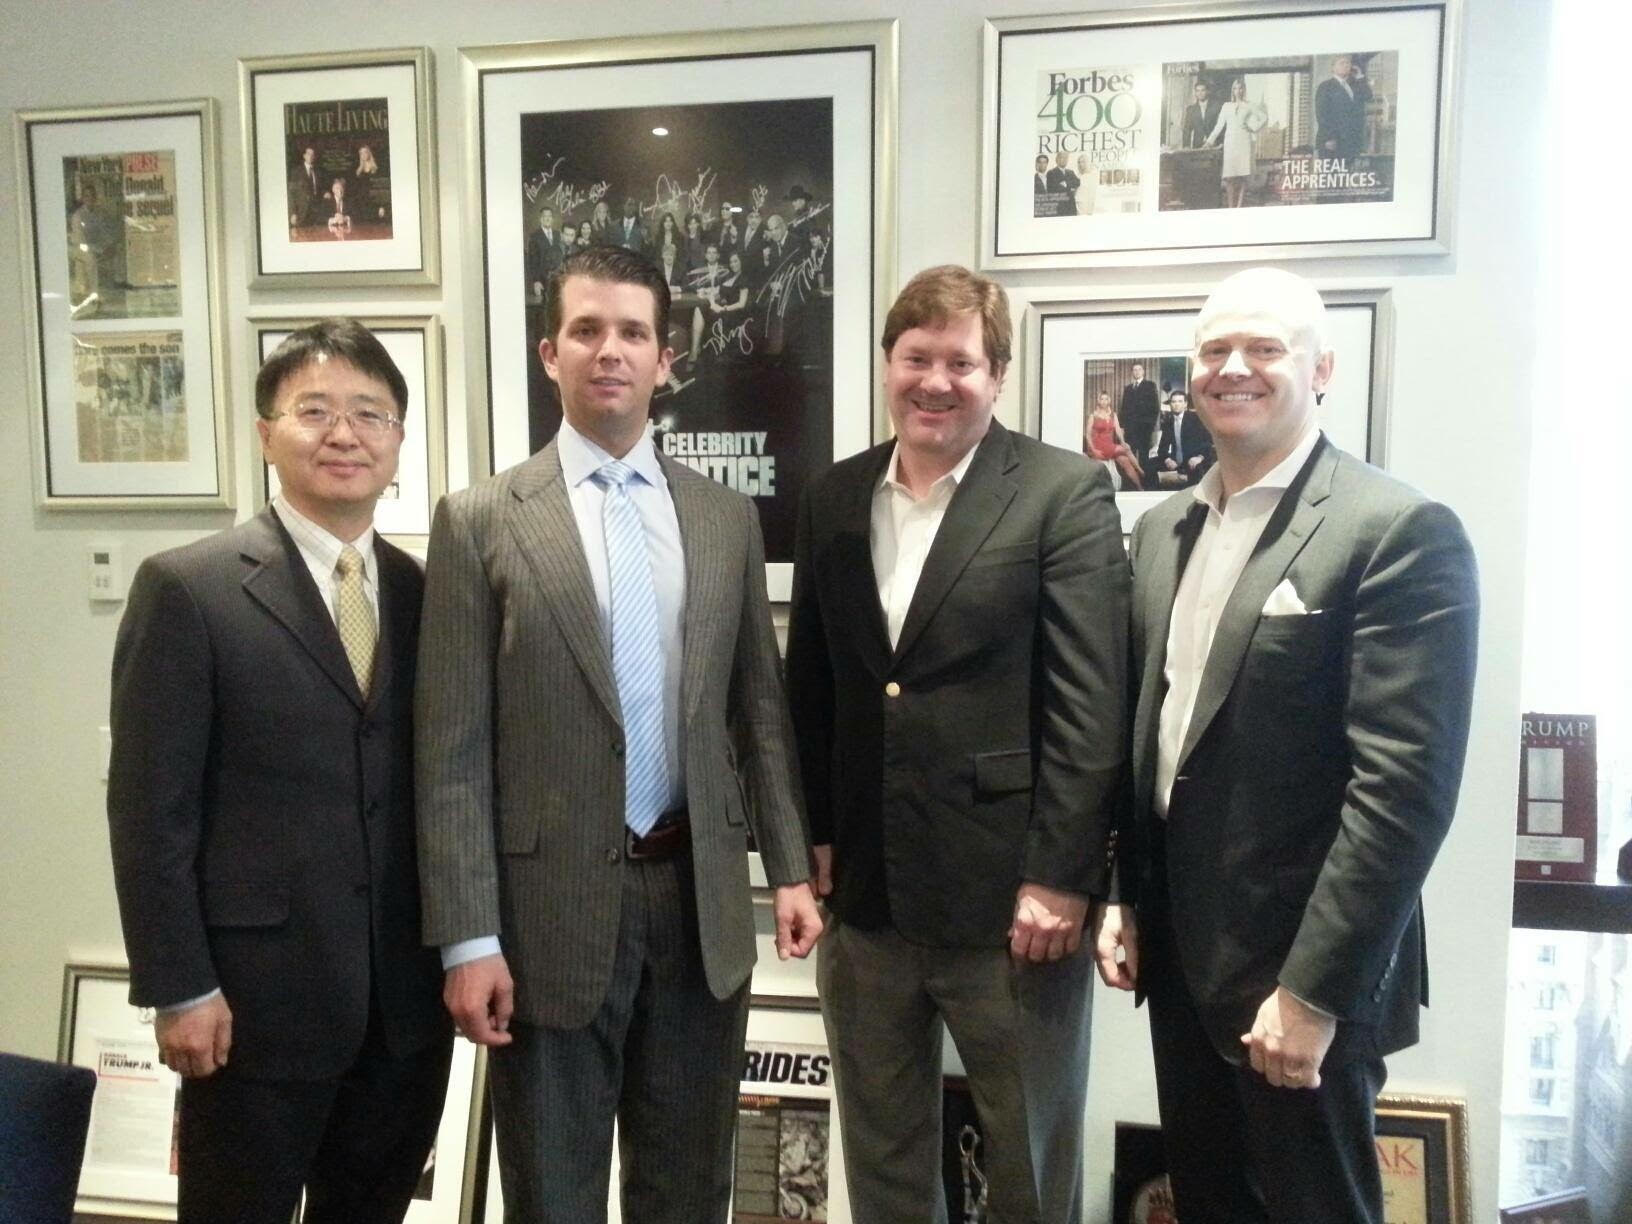 Chris Kim J.D., Donald Trump Jr., and Dr. Charles Richardson building healthcare innovation together.